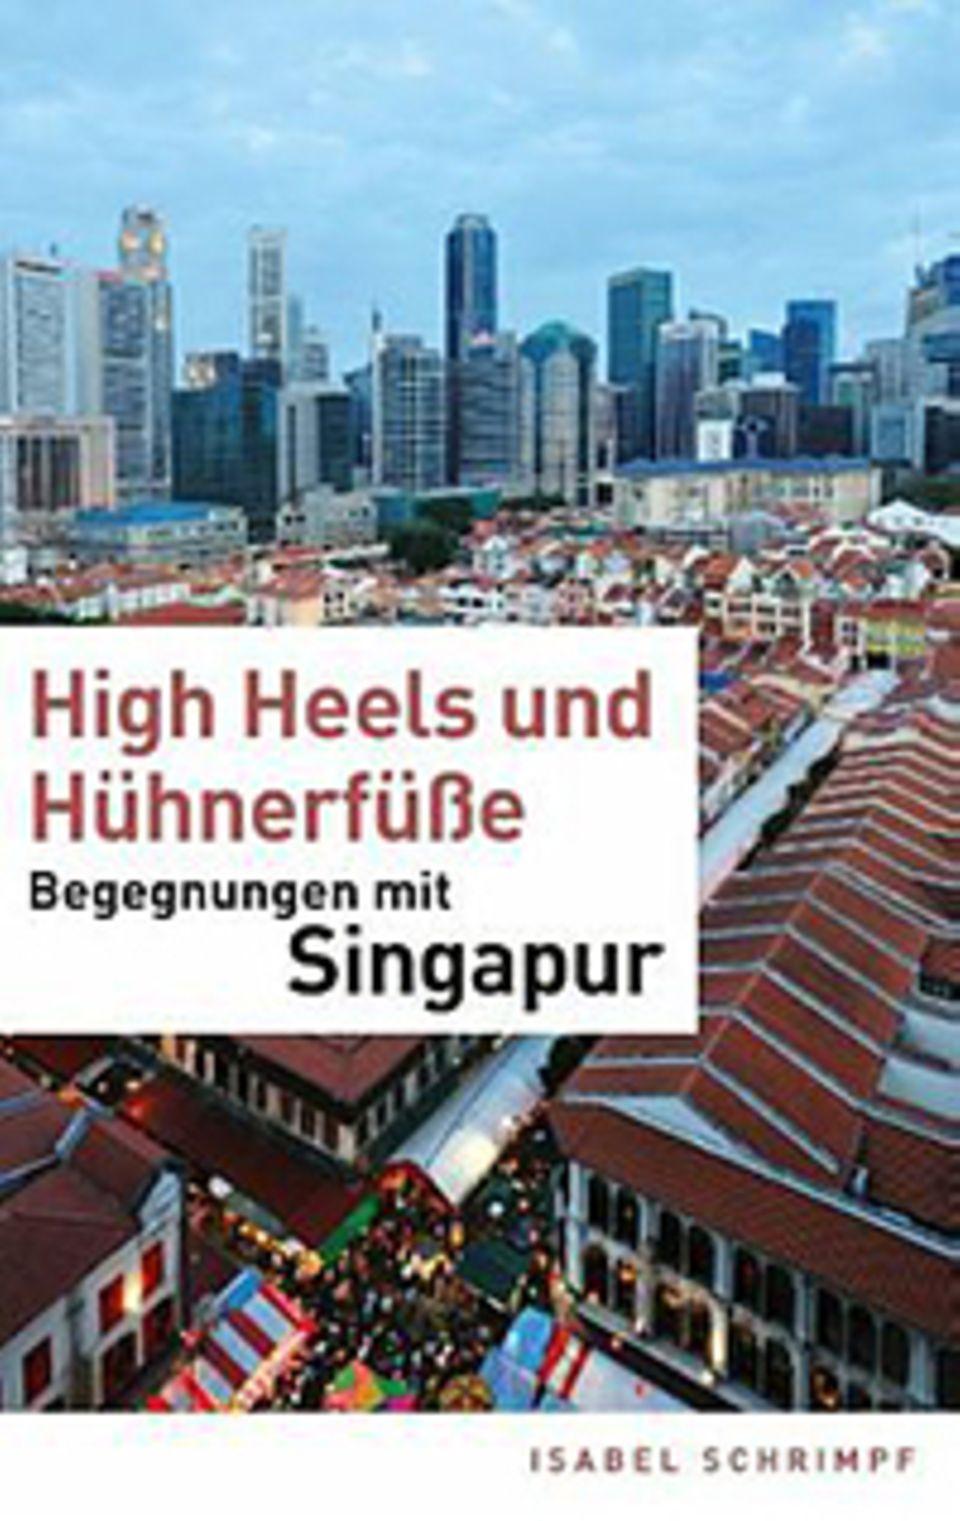 Singapur: High Heels und Hühnerfüße – Begegnungen mit Singapur. Isabel Schrimpf, 2. Auflage, 2014, BoD - Books on Demand, Norderstedt, 168 S., 14,80 €